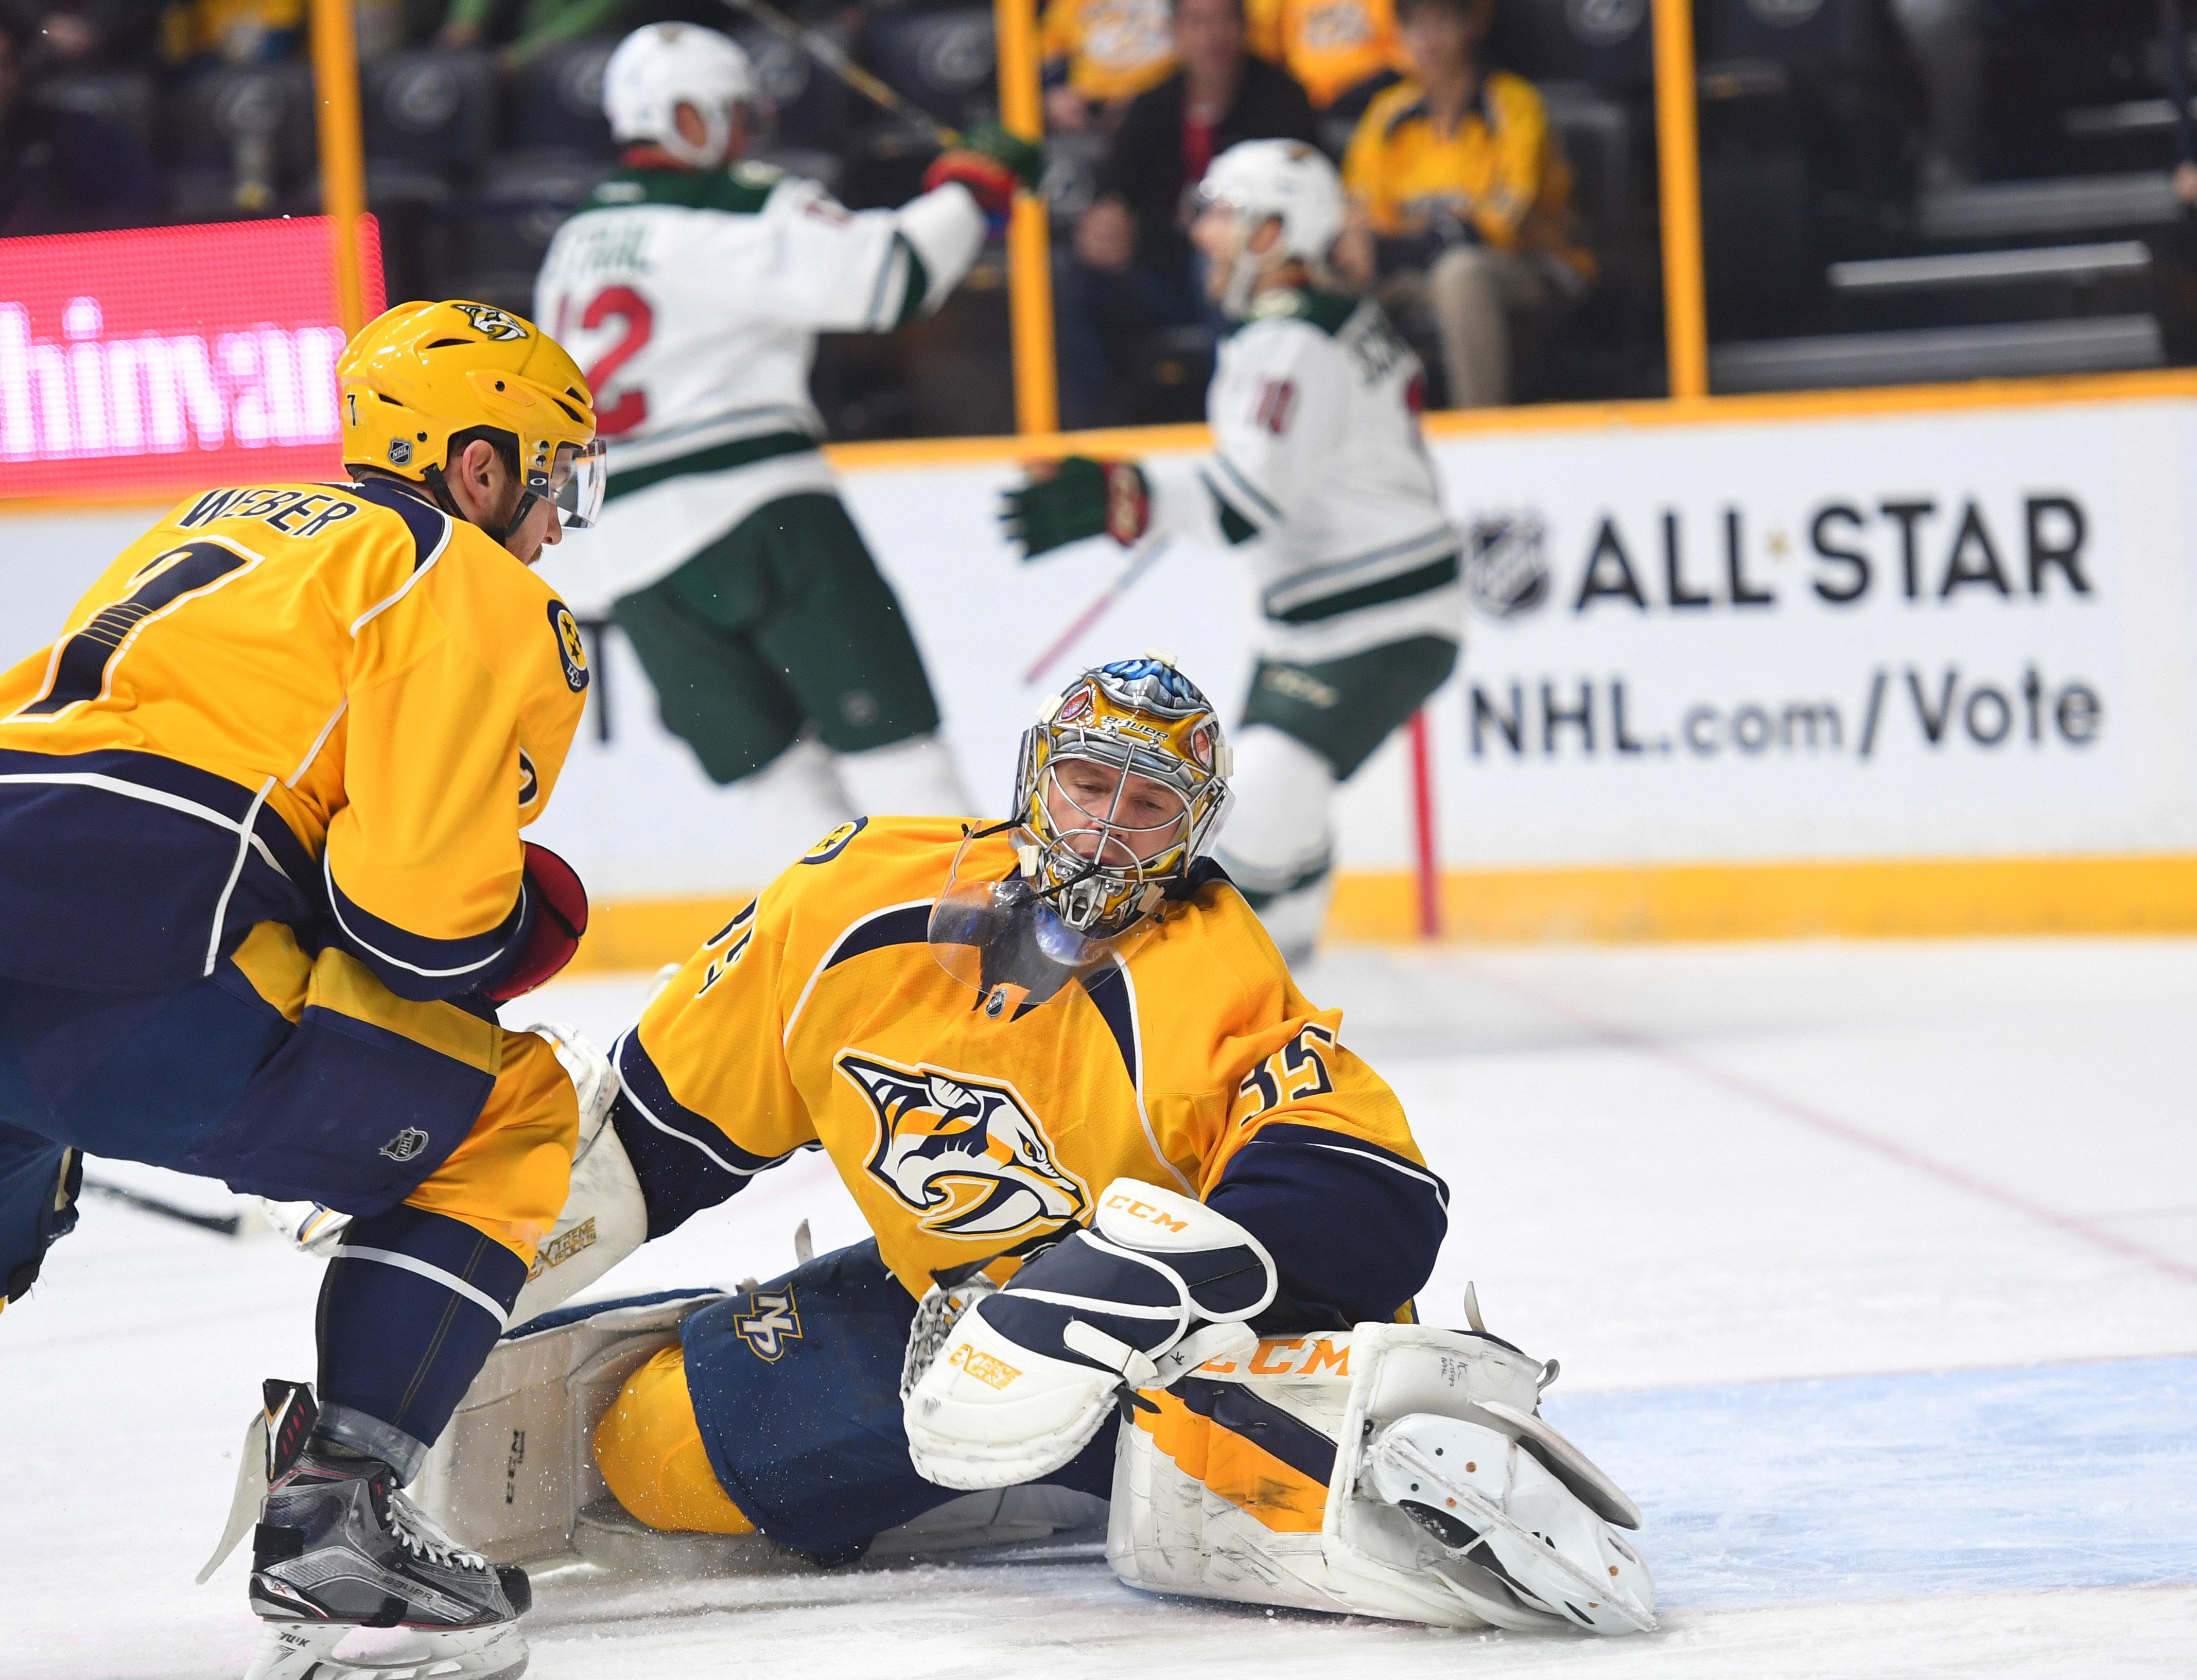 NHL: Minnesota Wild at Nashville Predators